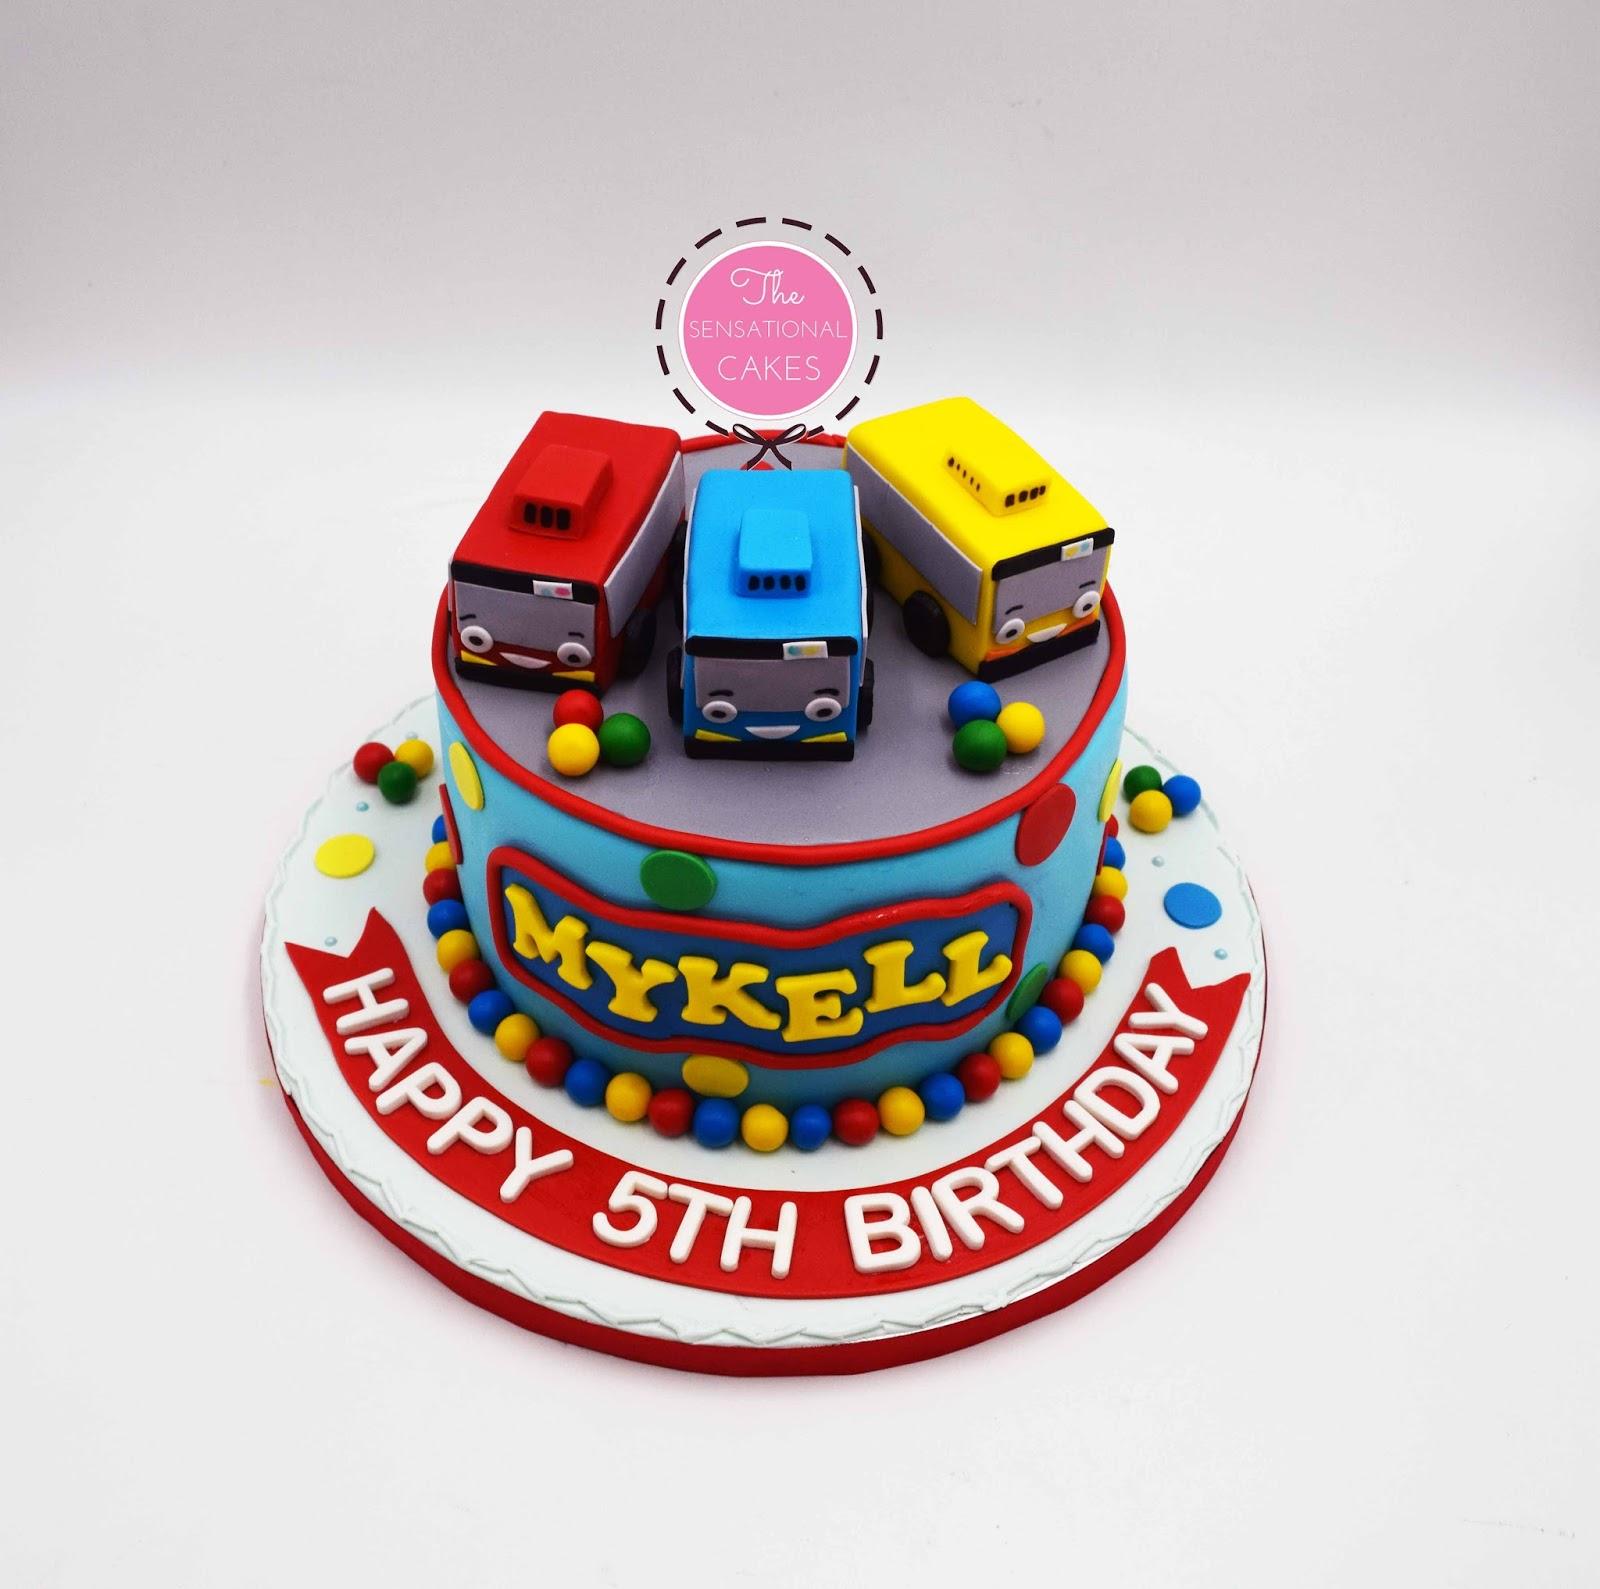 The Sensational Cakes Michael 5th Birthday Bus Cake Singapore Tayo